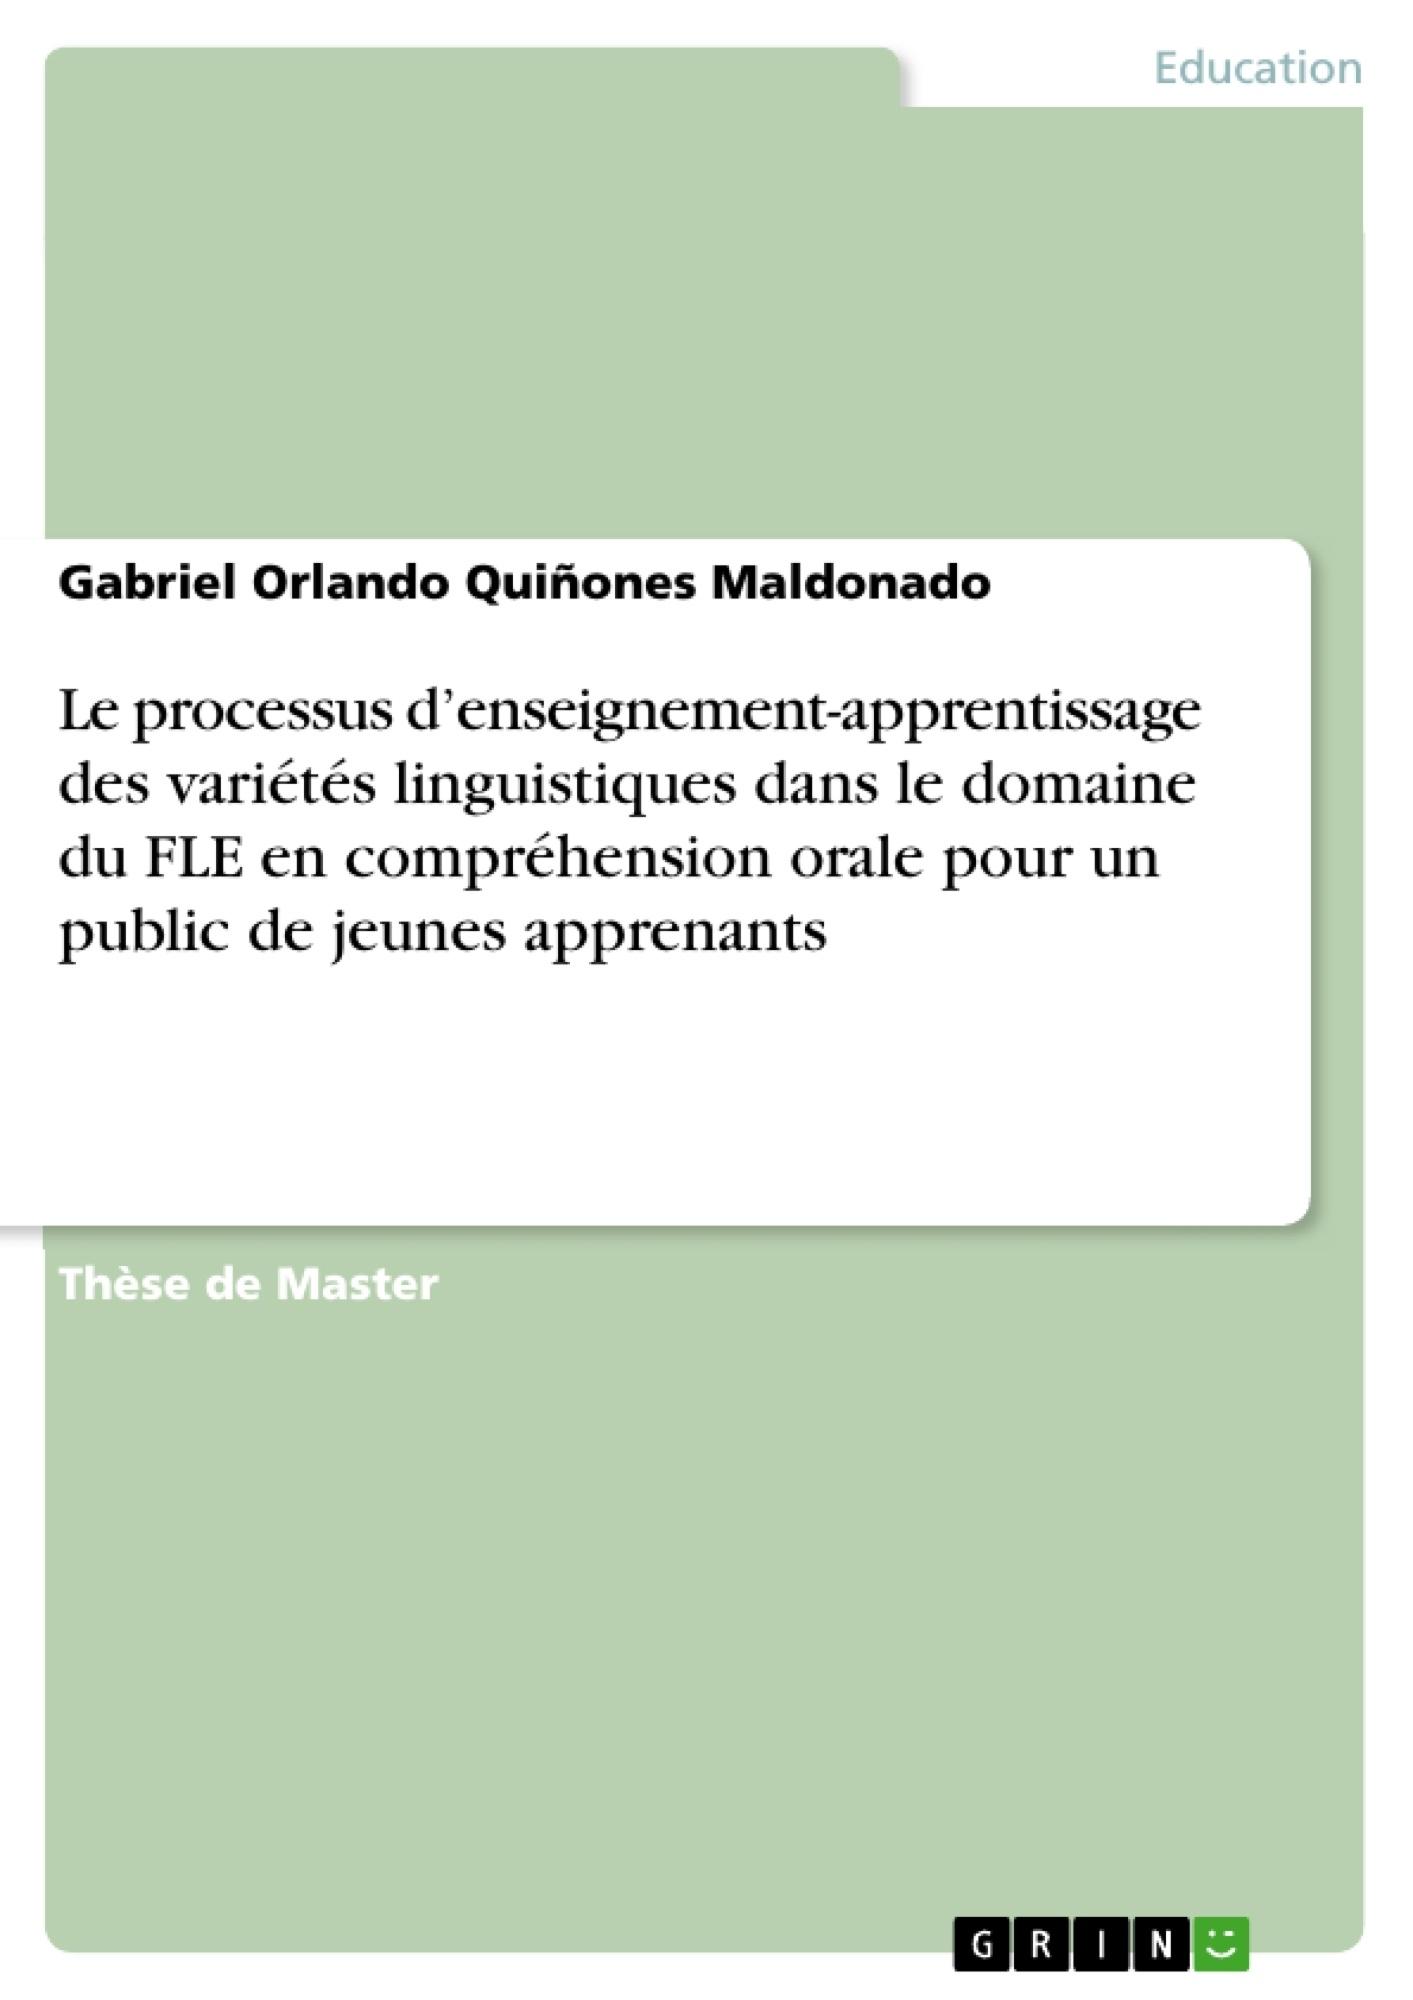 Titre: Le processus d'enseignement-apprentissage des variétés linguistiques dans le domaine du FLE en compréhension orale pour un public de jeunes apprenants